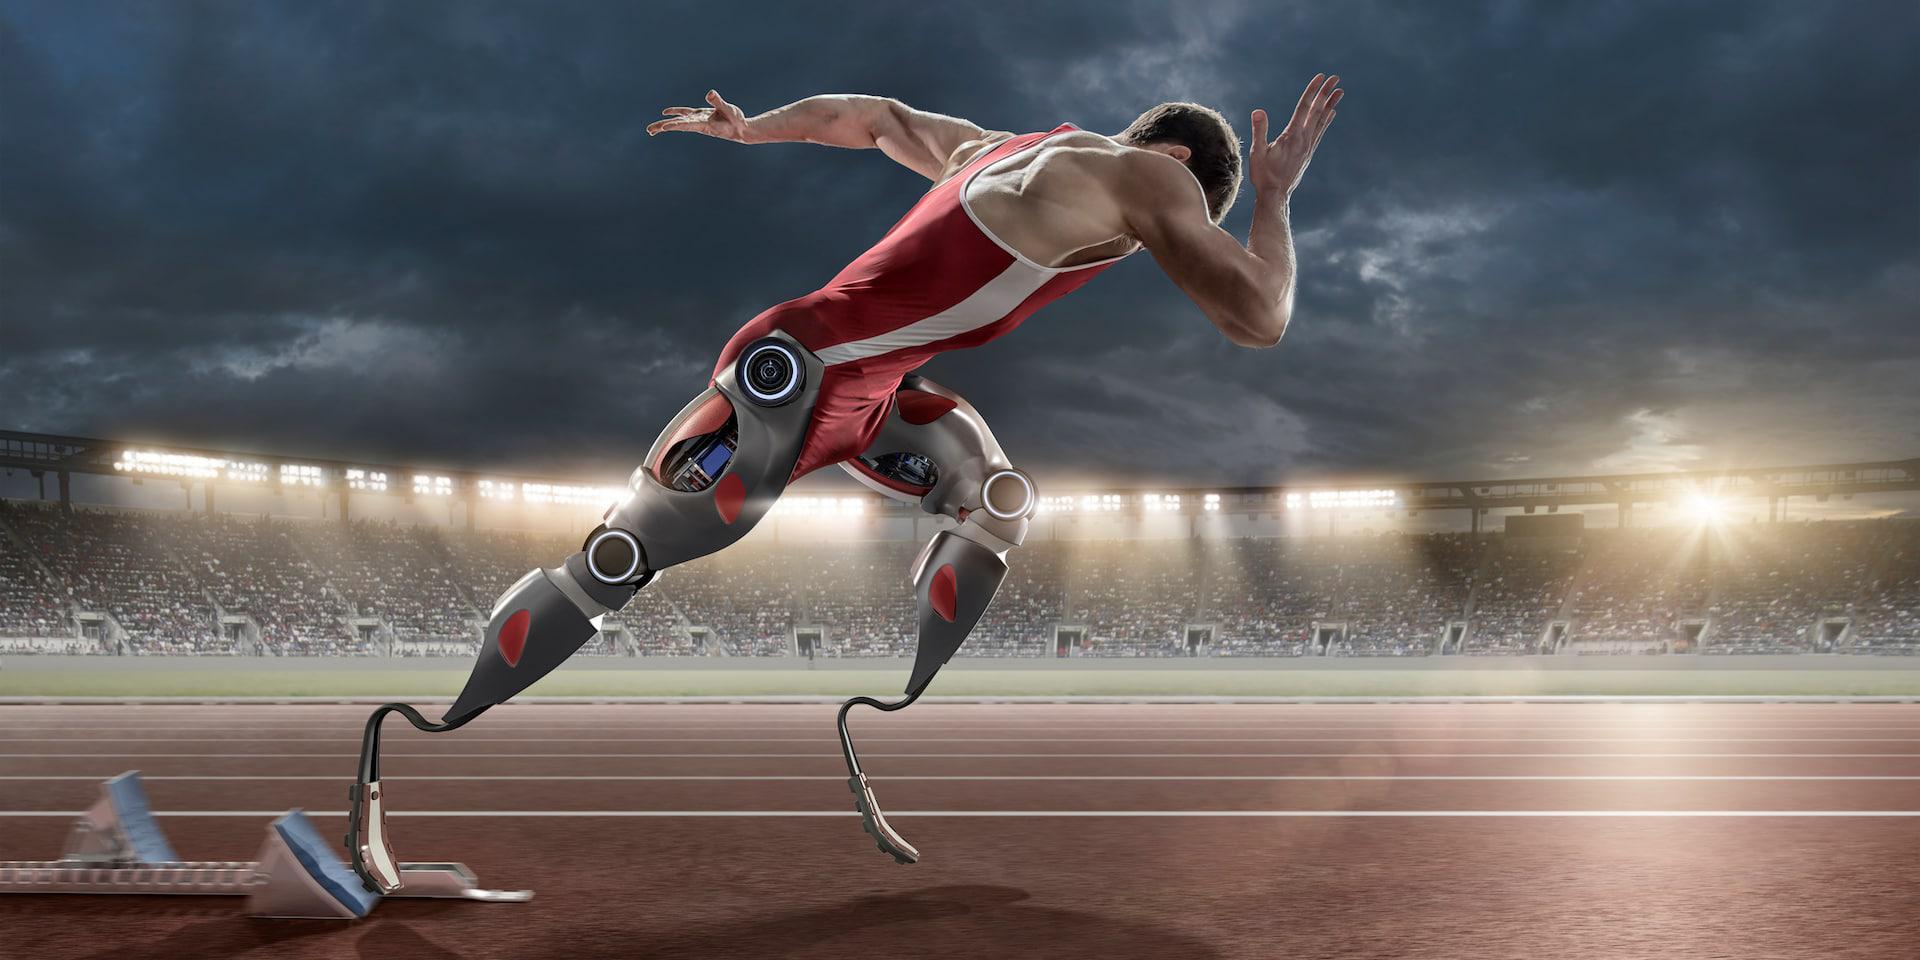 通过传感器、动力源和控制单元为外骨骼结构提供机动性